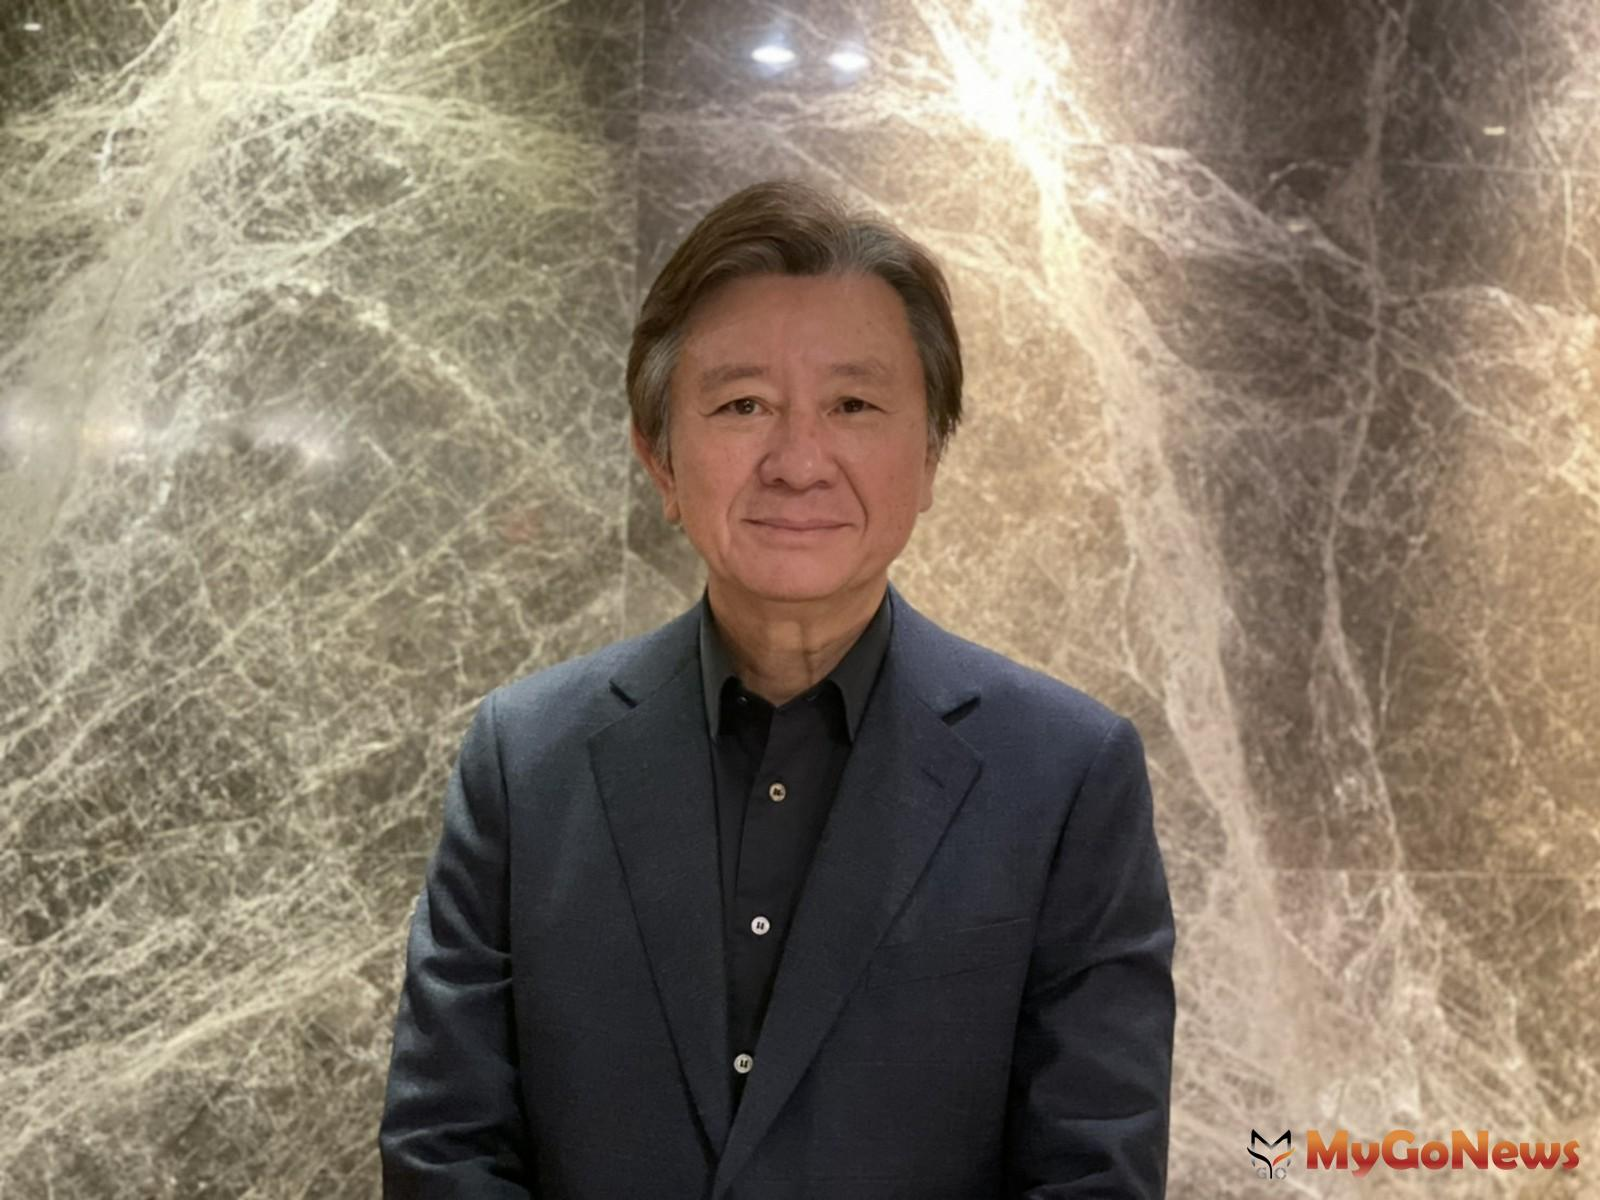 甲桂林廣告副董事長曹瑞濱表示,甲桂林廣告首季雙北精華地段擬推出8案 MyGoNews房地產新聞 熱銷推案